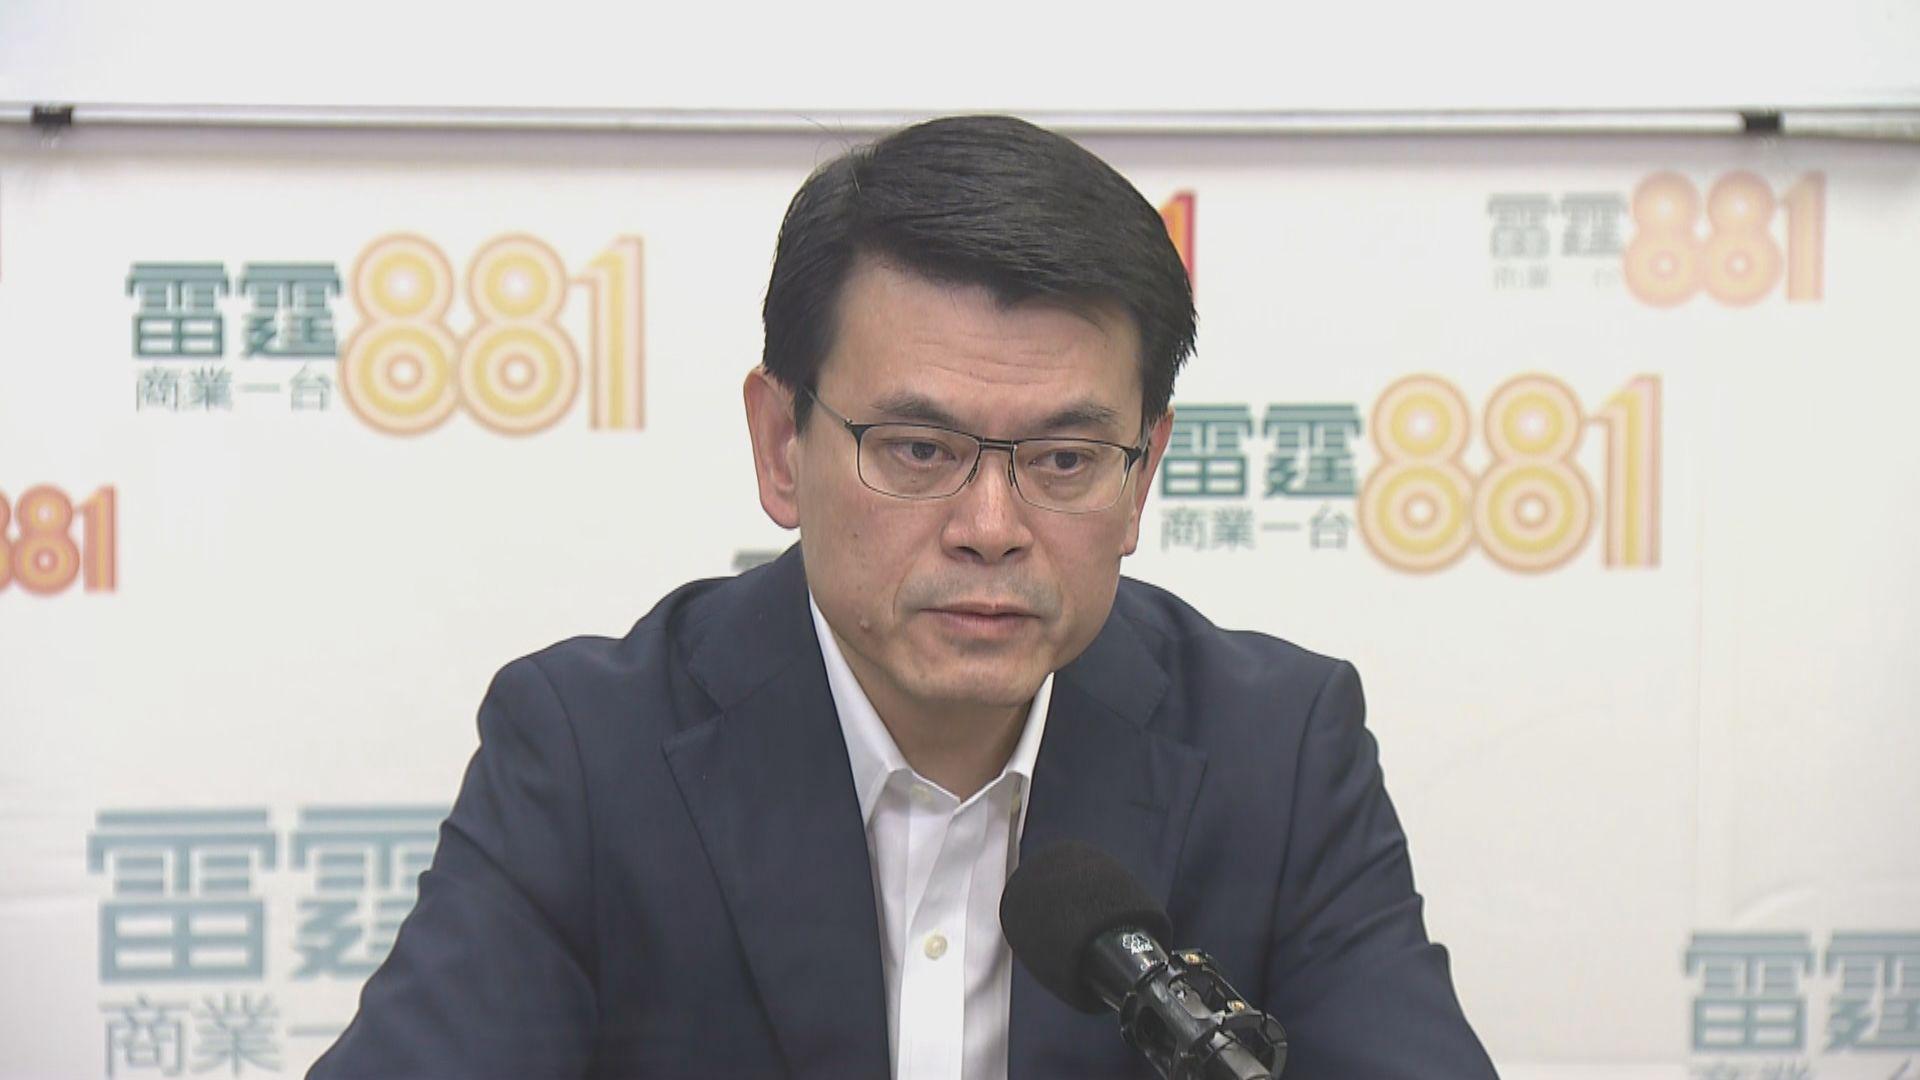 邱騰華:第四季經濟增長繼續放緩